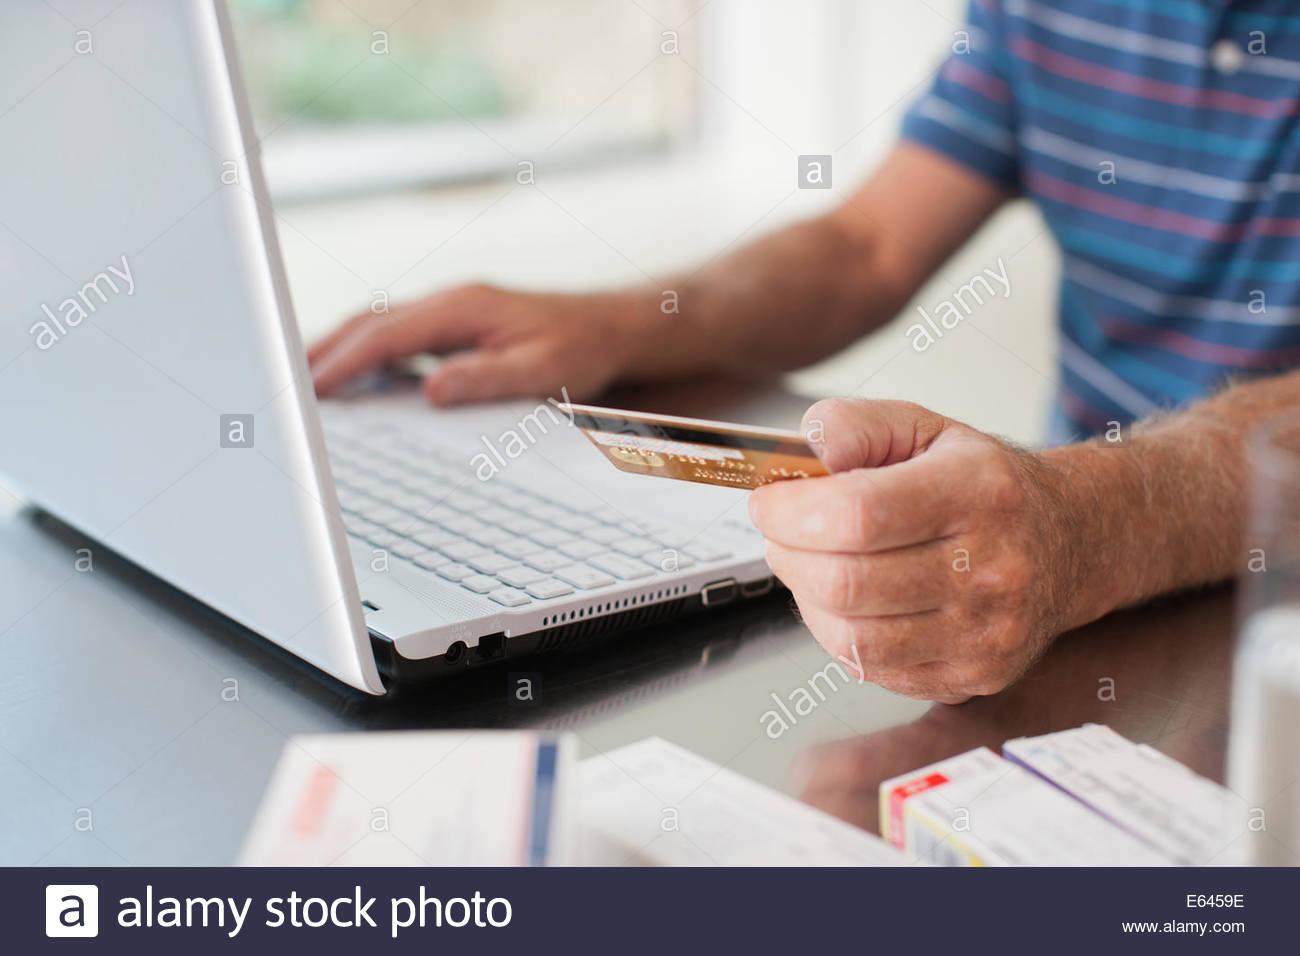 Close up of man en utilisant une carte de crédit pour acheter des produits dérivés en ligne Photo Stock